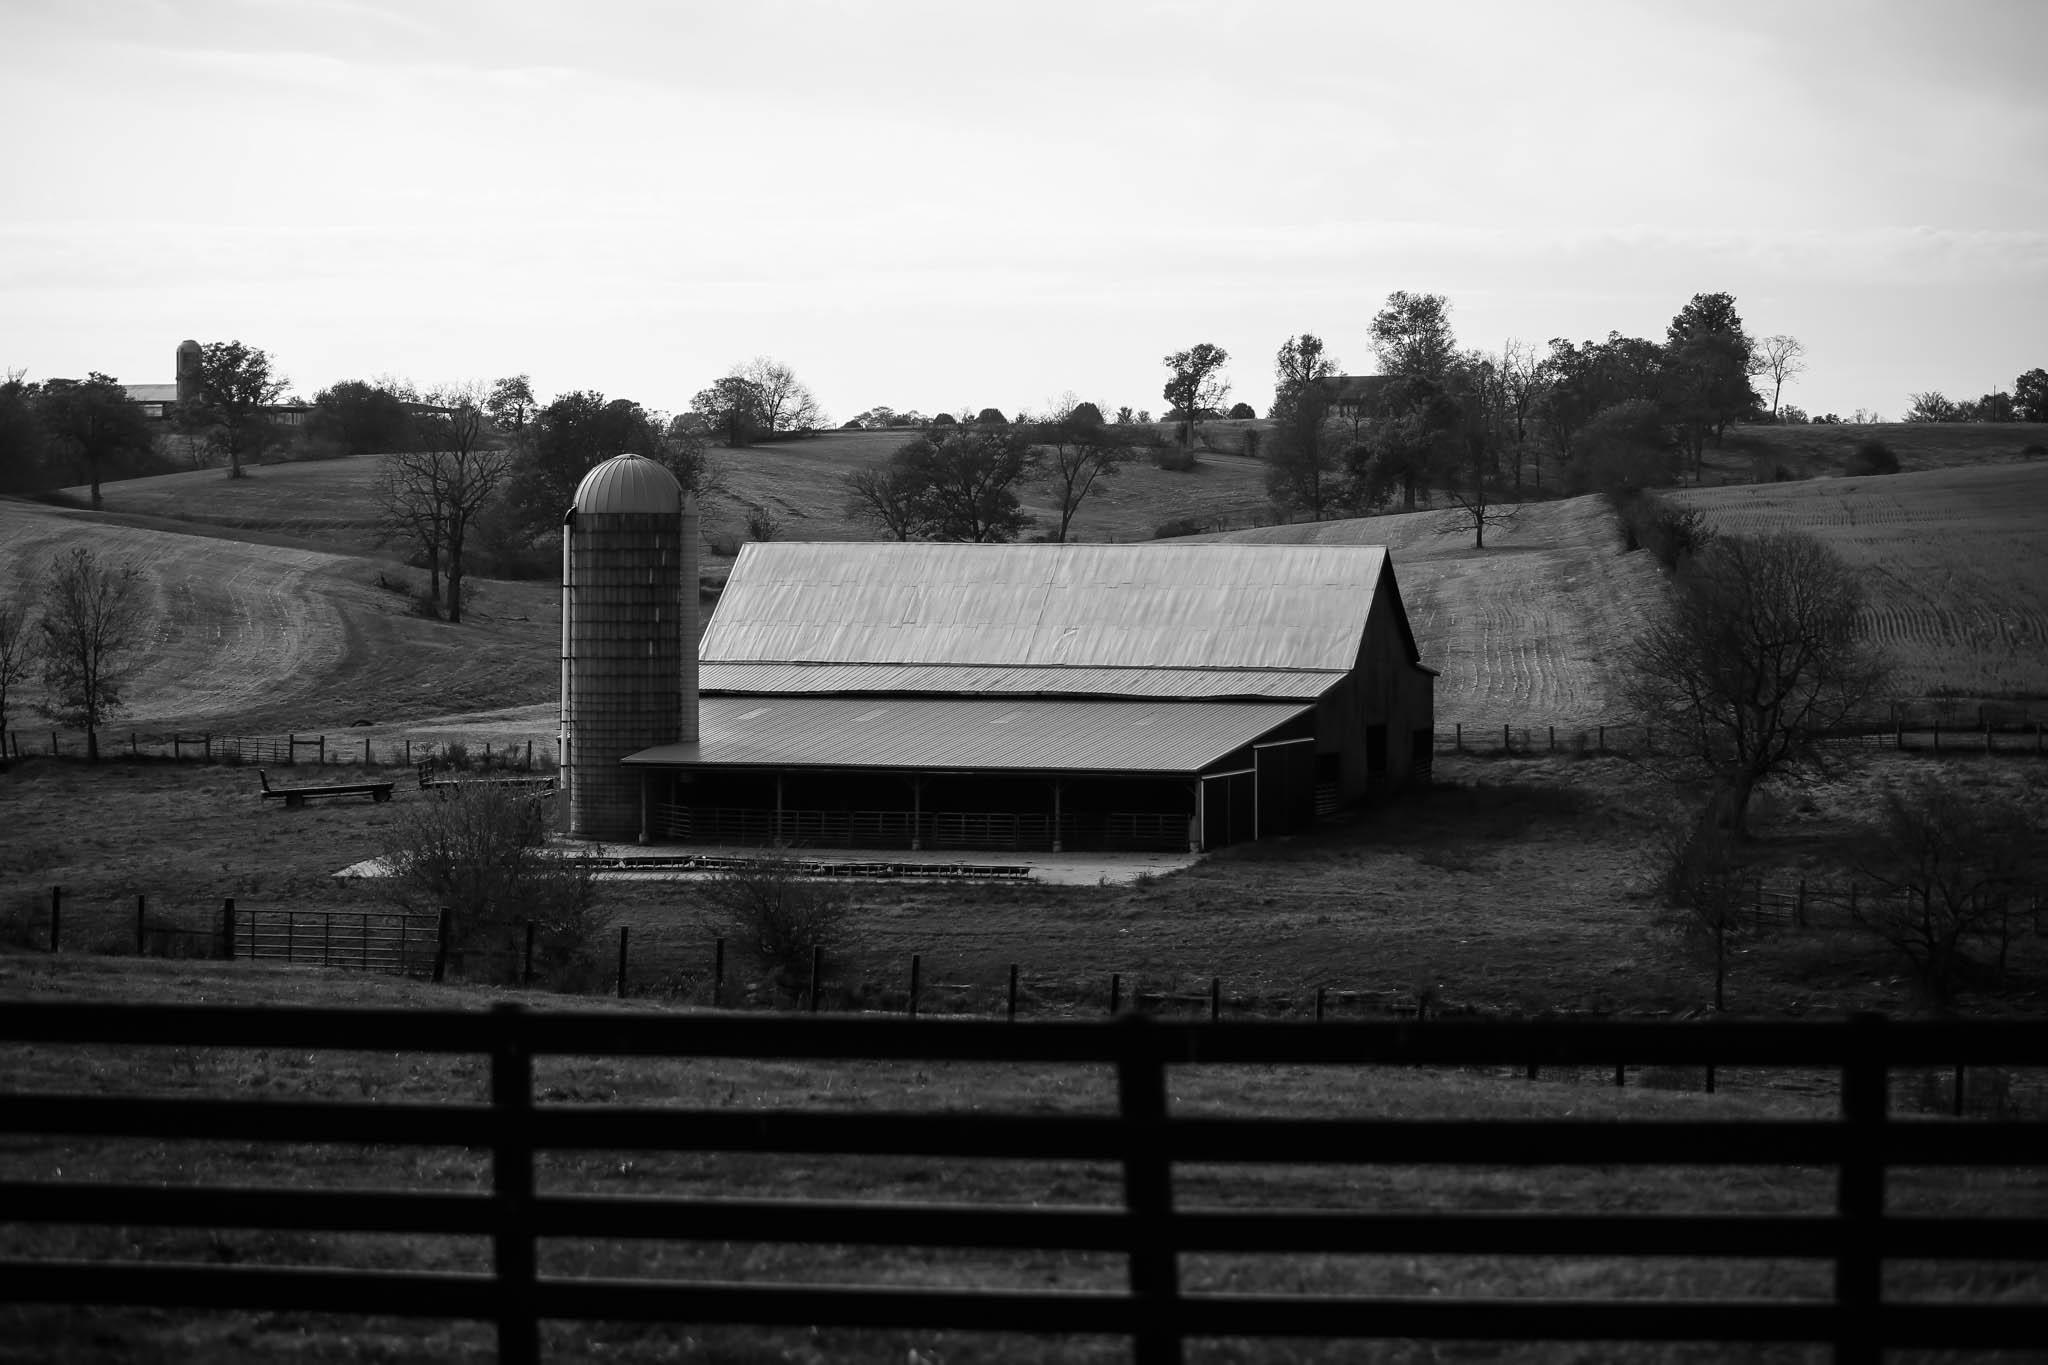 The Mucci Tobacco Farm